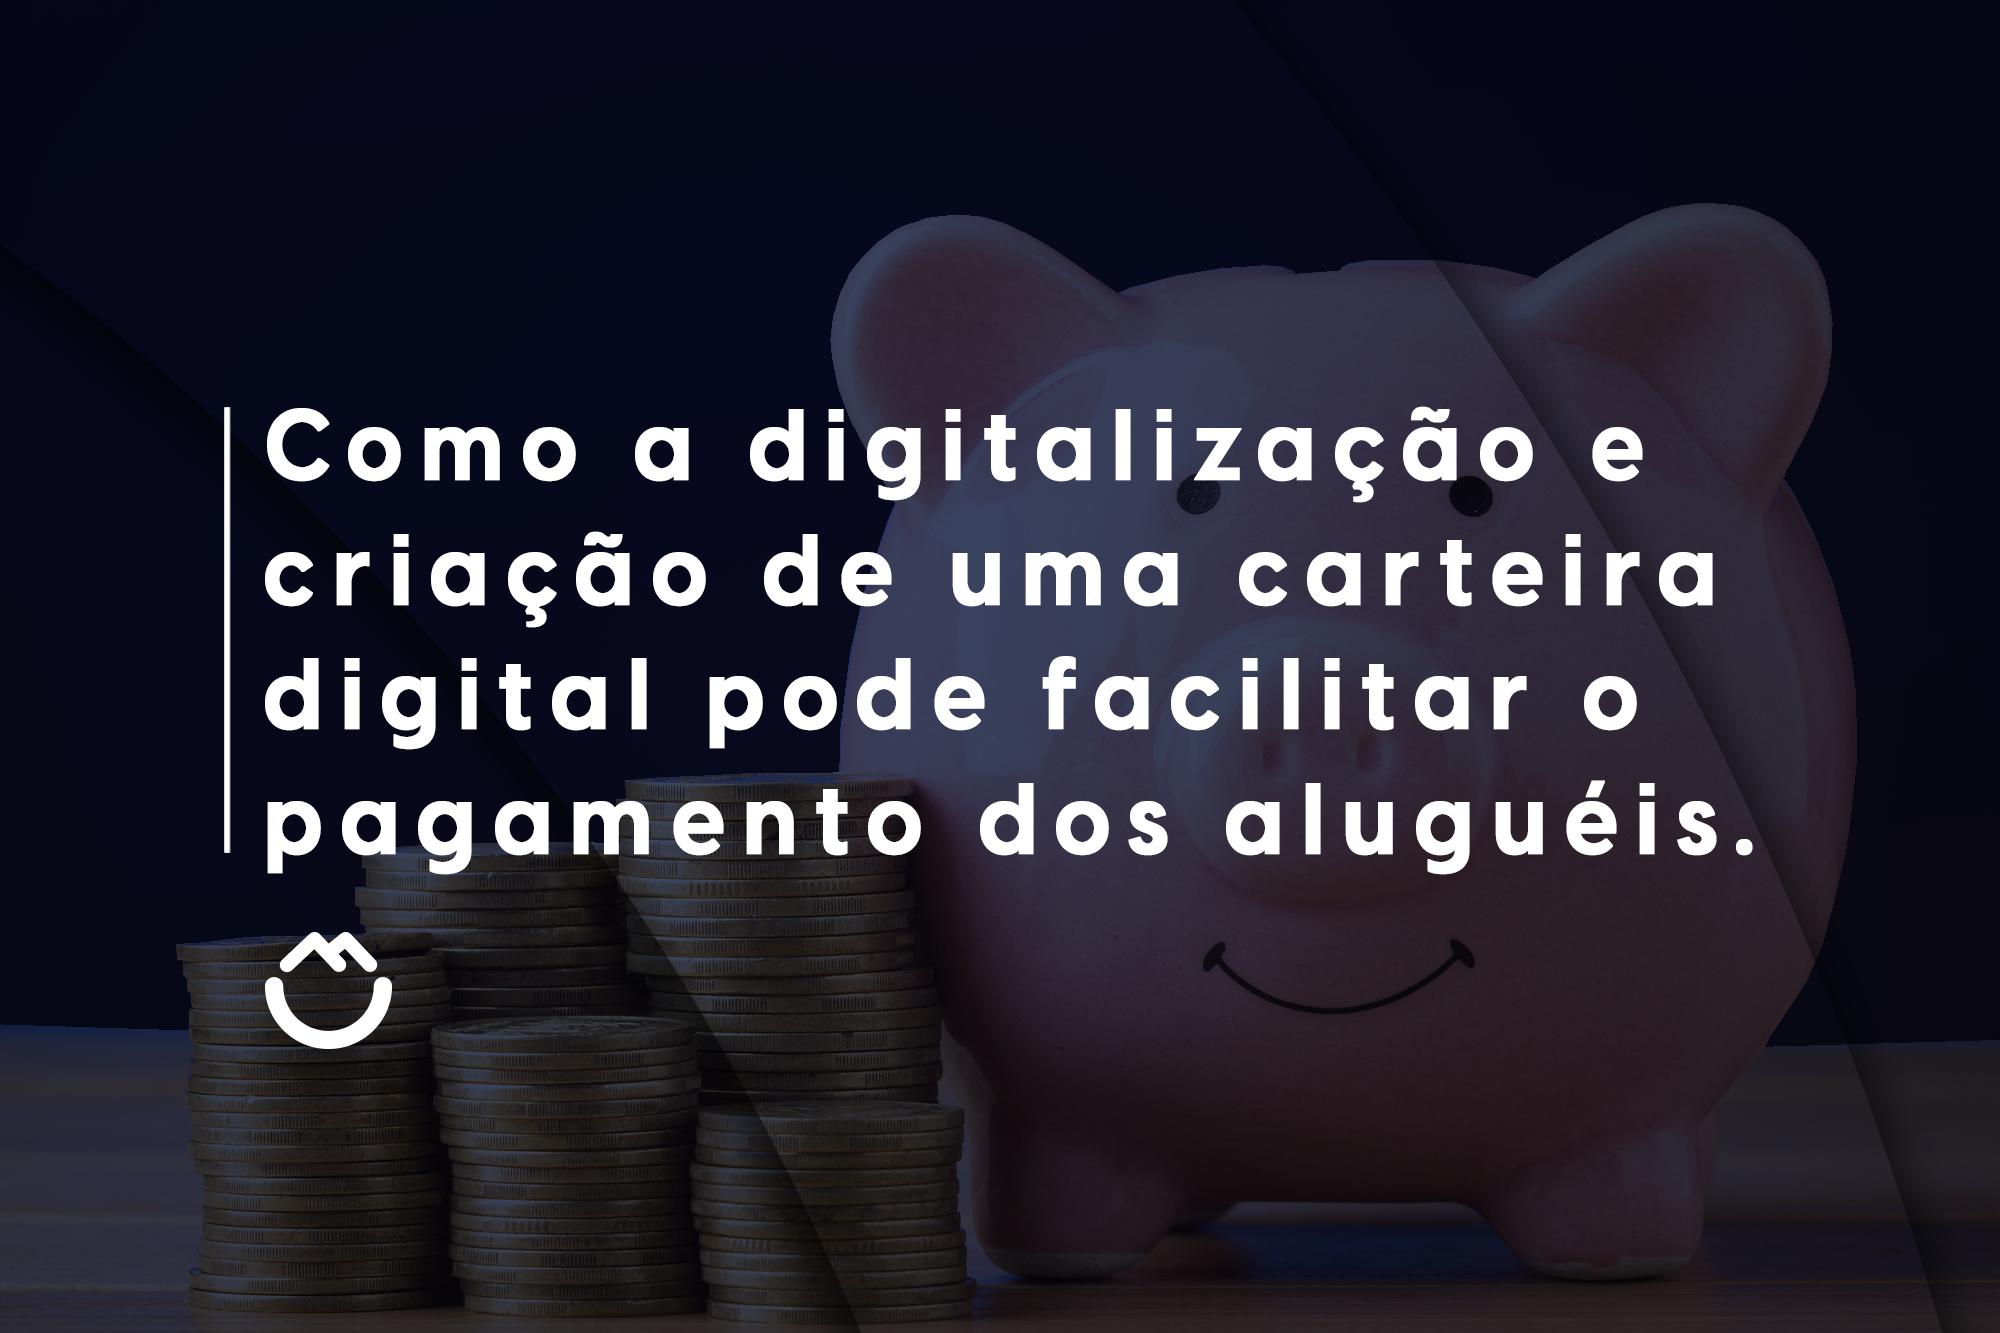 Como a digitalização e criação de uma carteira digital pode facilitar o pagamento dos aluguéis